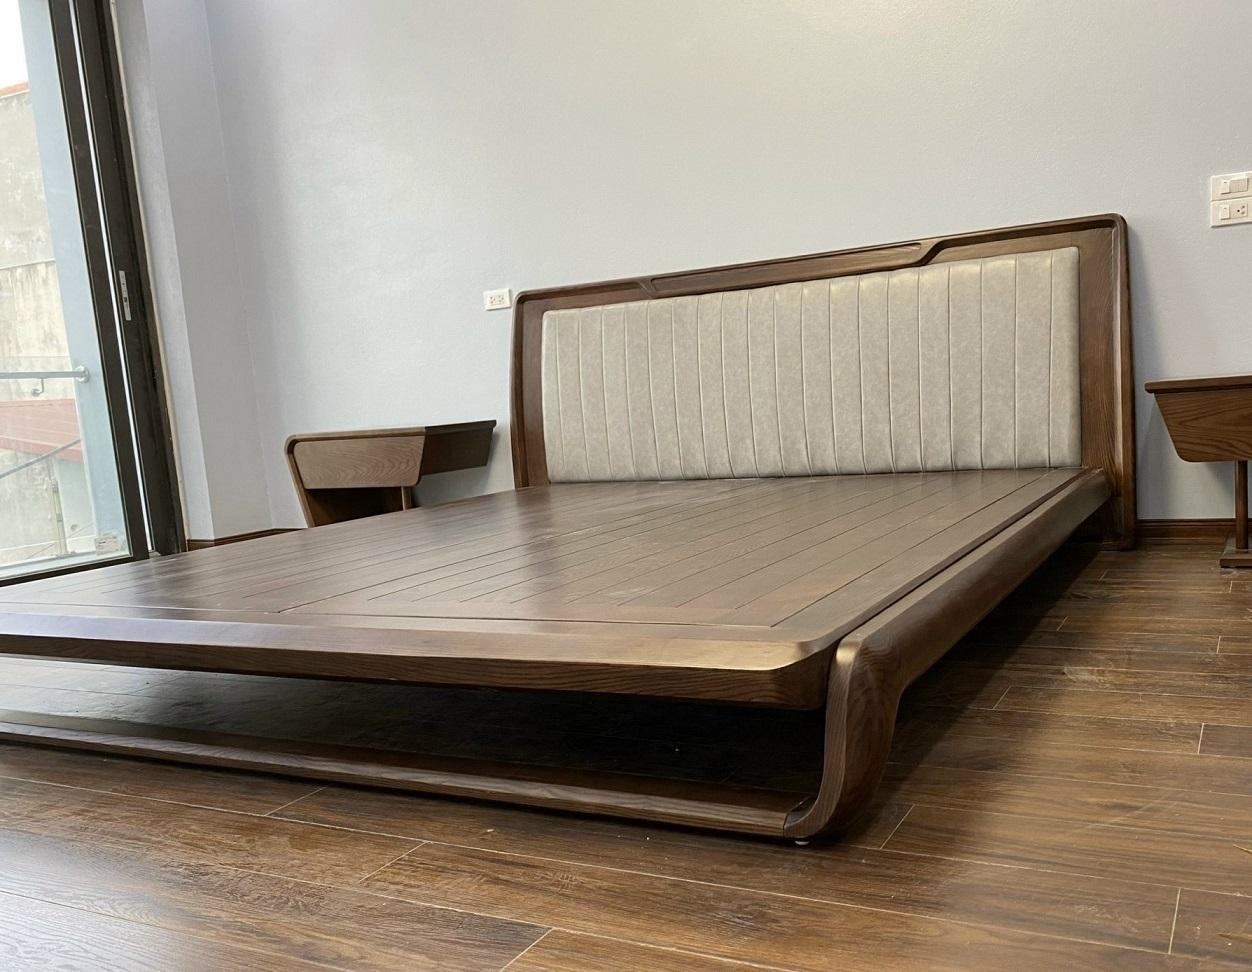 Khung giường bền bỉ, vững chắc nhờ chất gỗ cao cấp tự nhiên